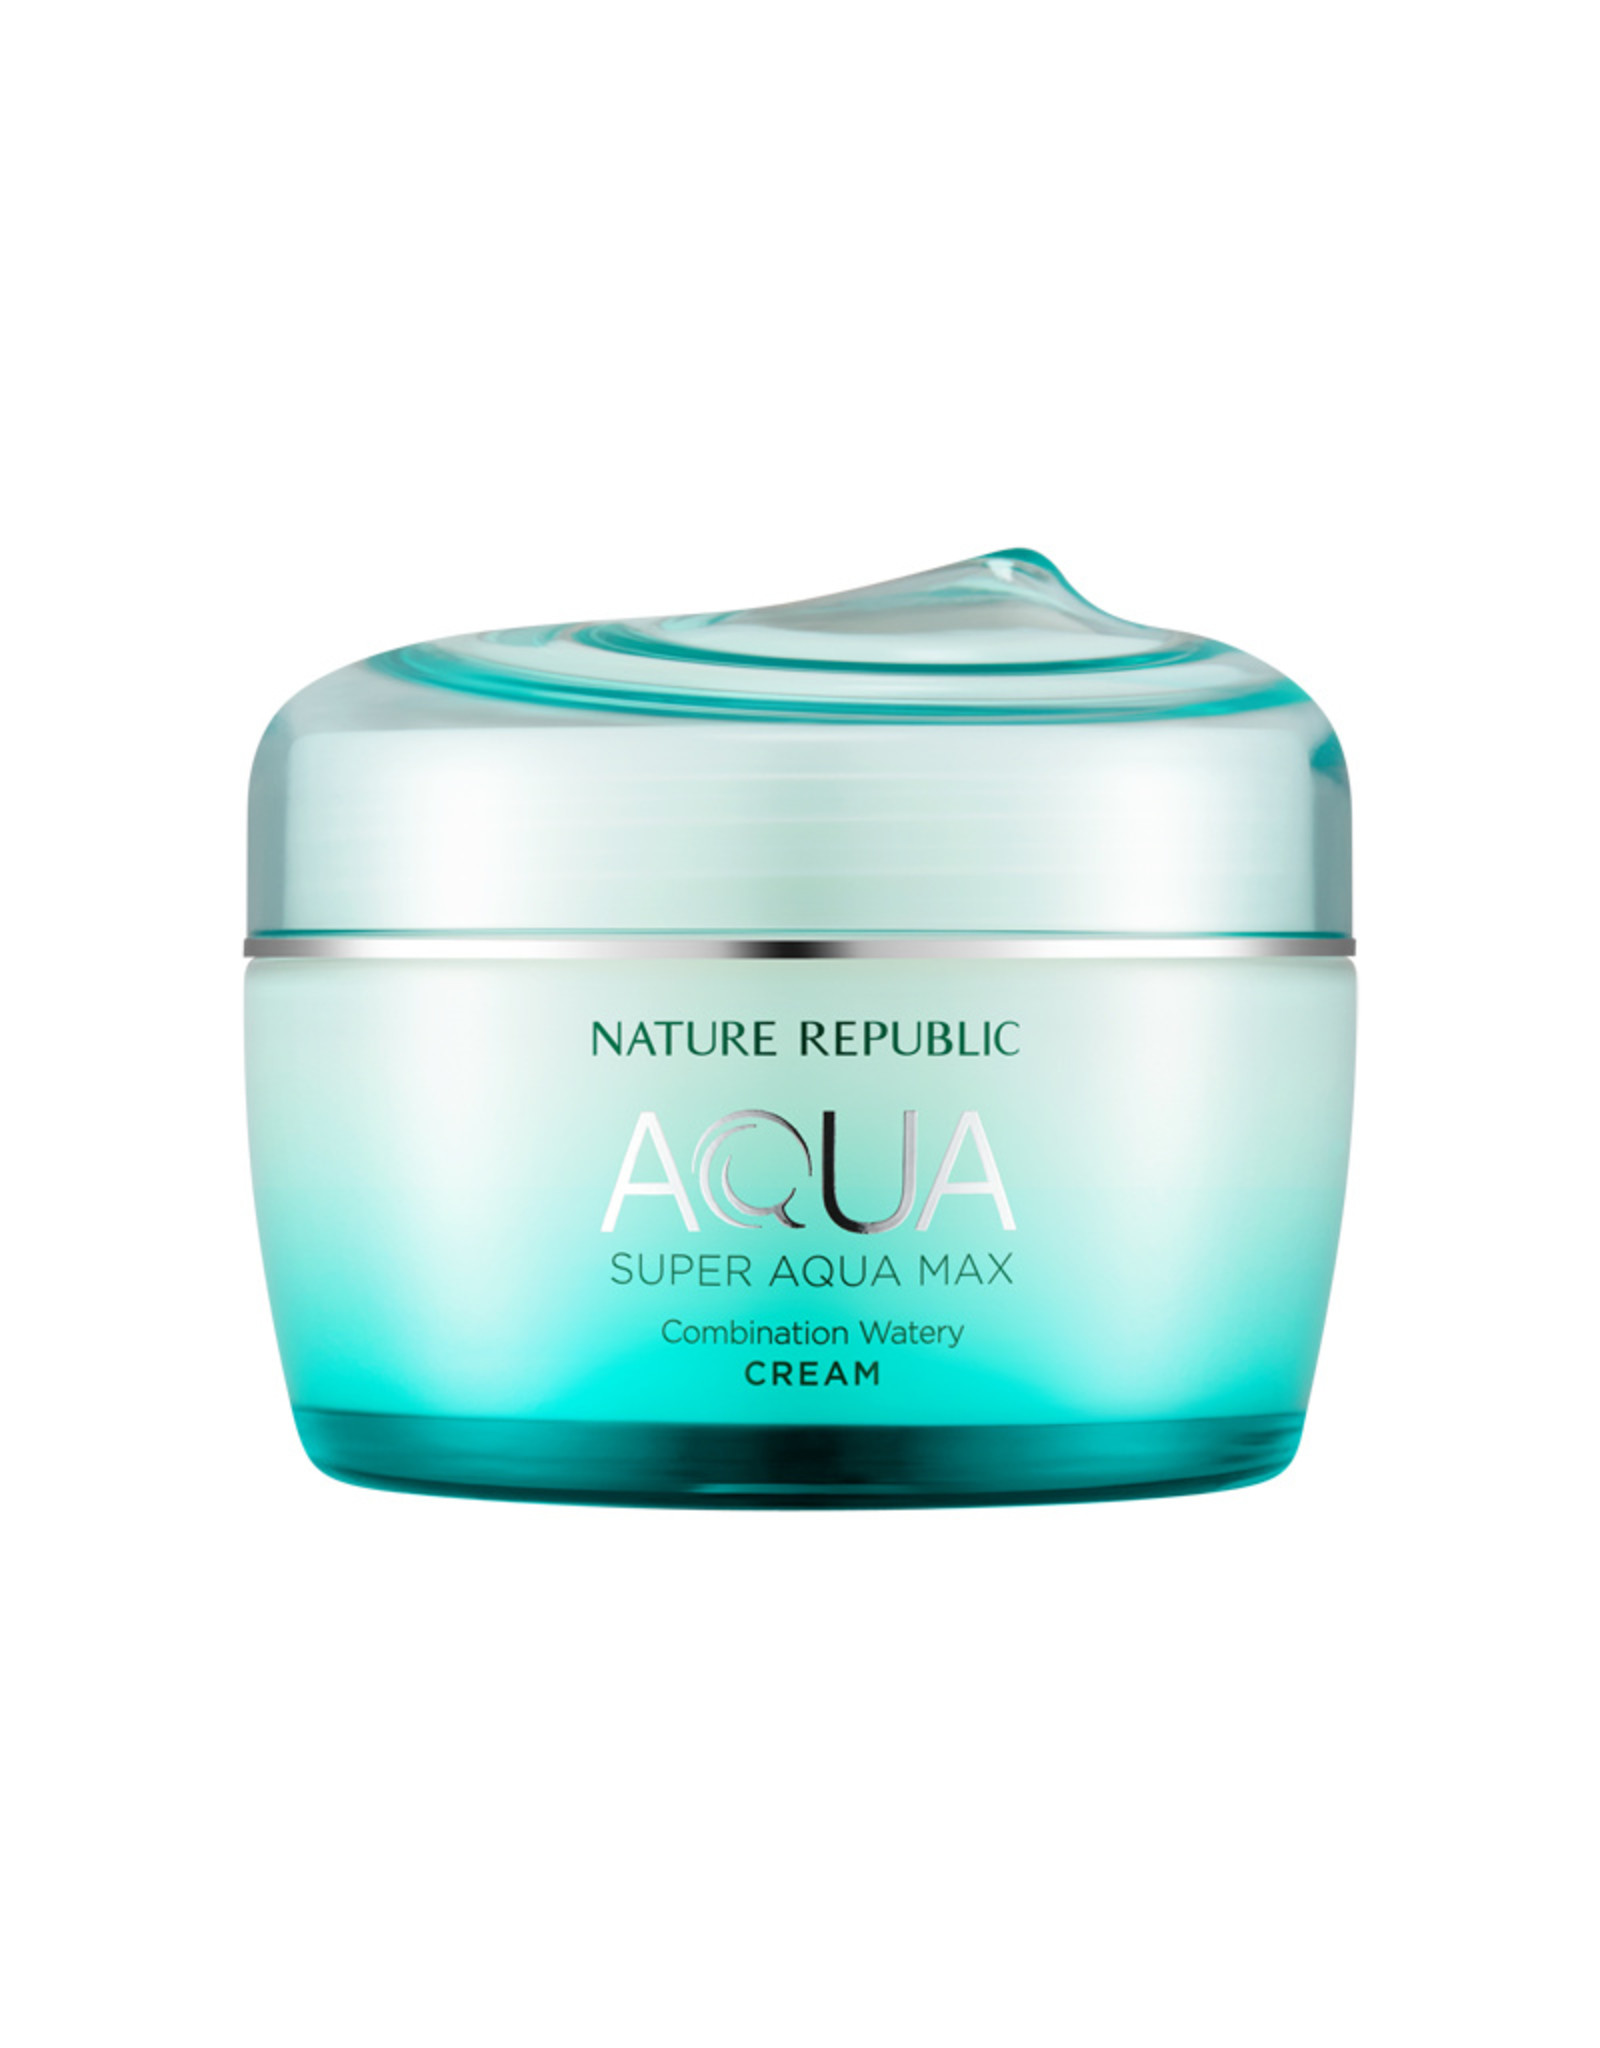 Super Aqua Max Combination Watery Cream